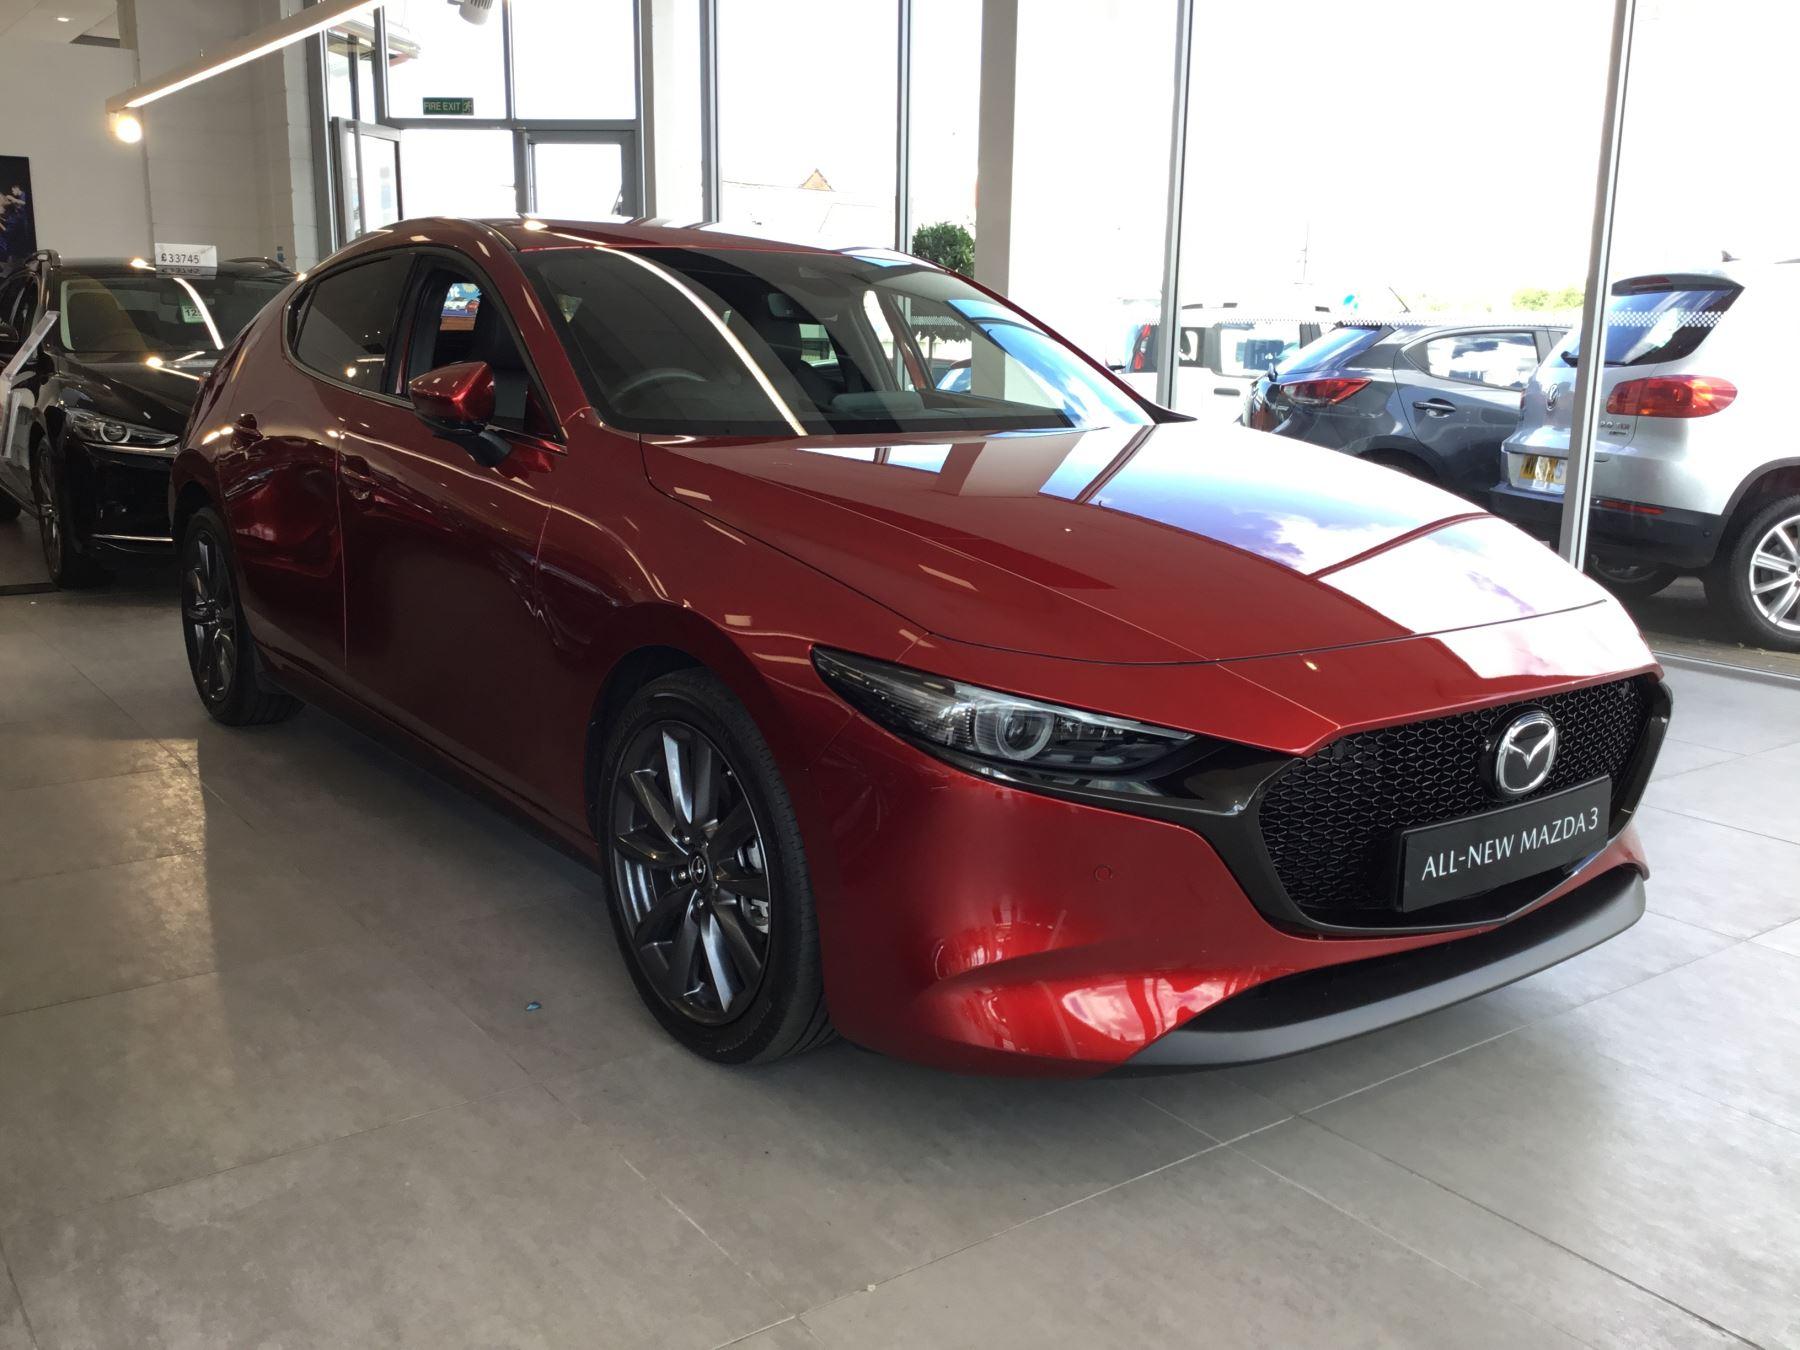 Mazda 3 2.0 GT Sport 5dr image 1